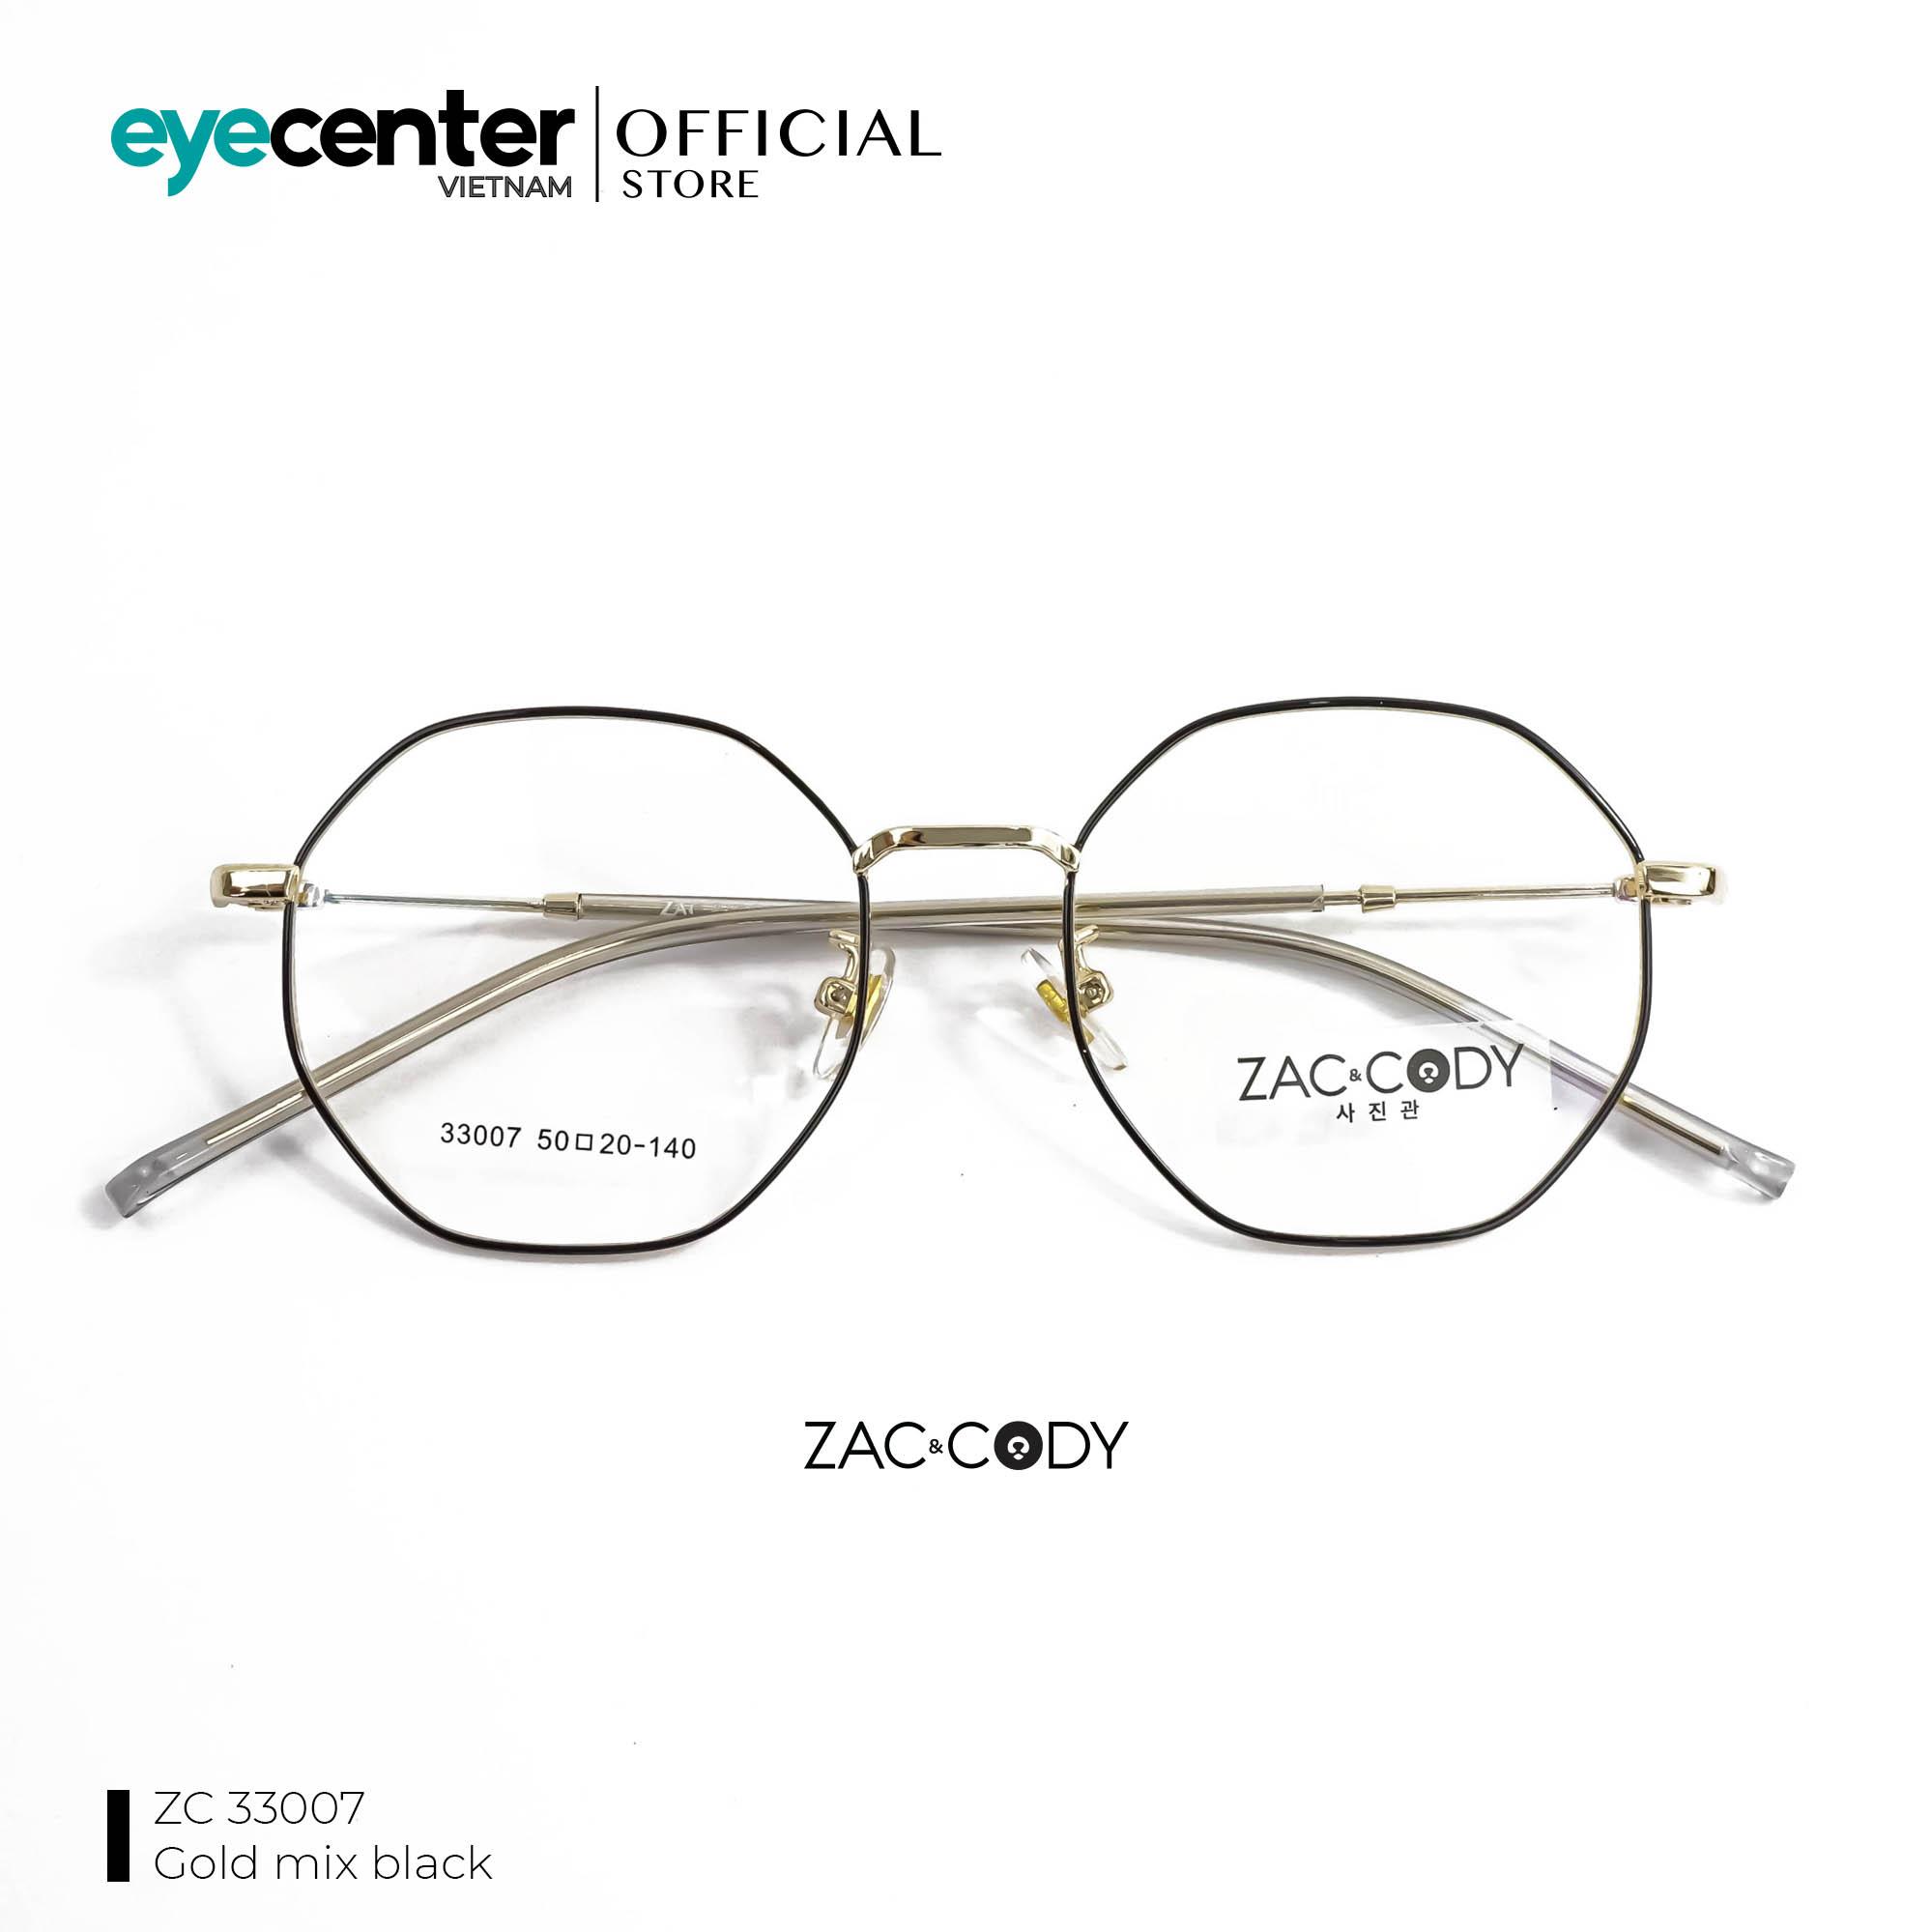 Gọng kính cận unisex nam nữ chính hãng zac & cody kim loại retro nhiều màu, chân kính chất liệu...